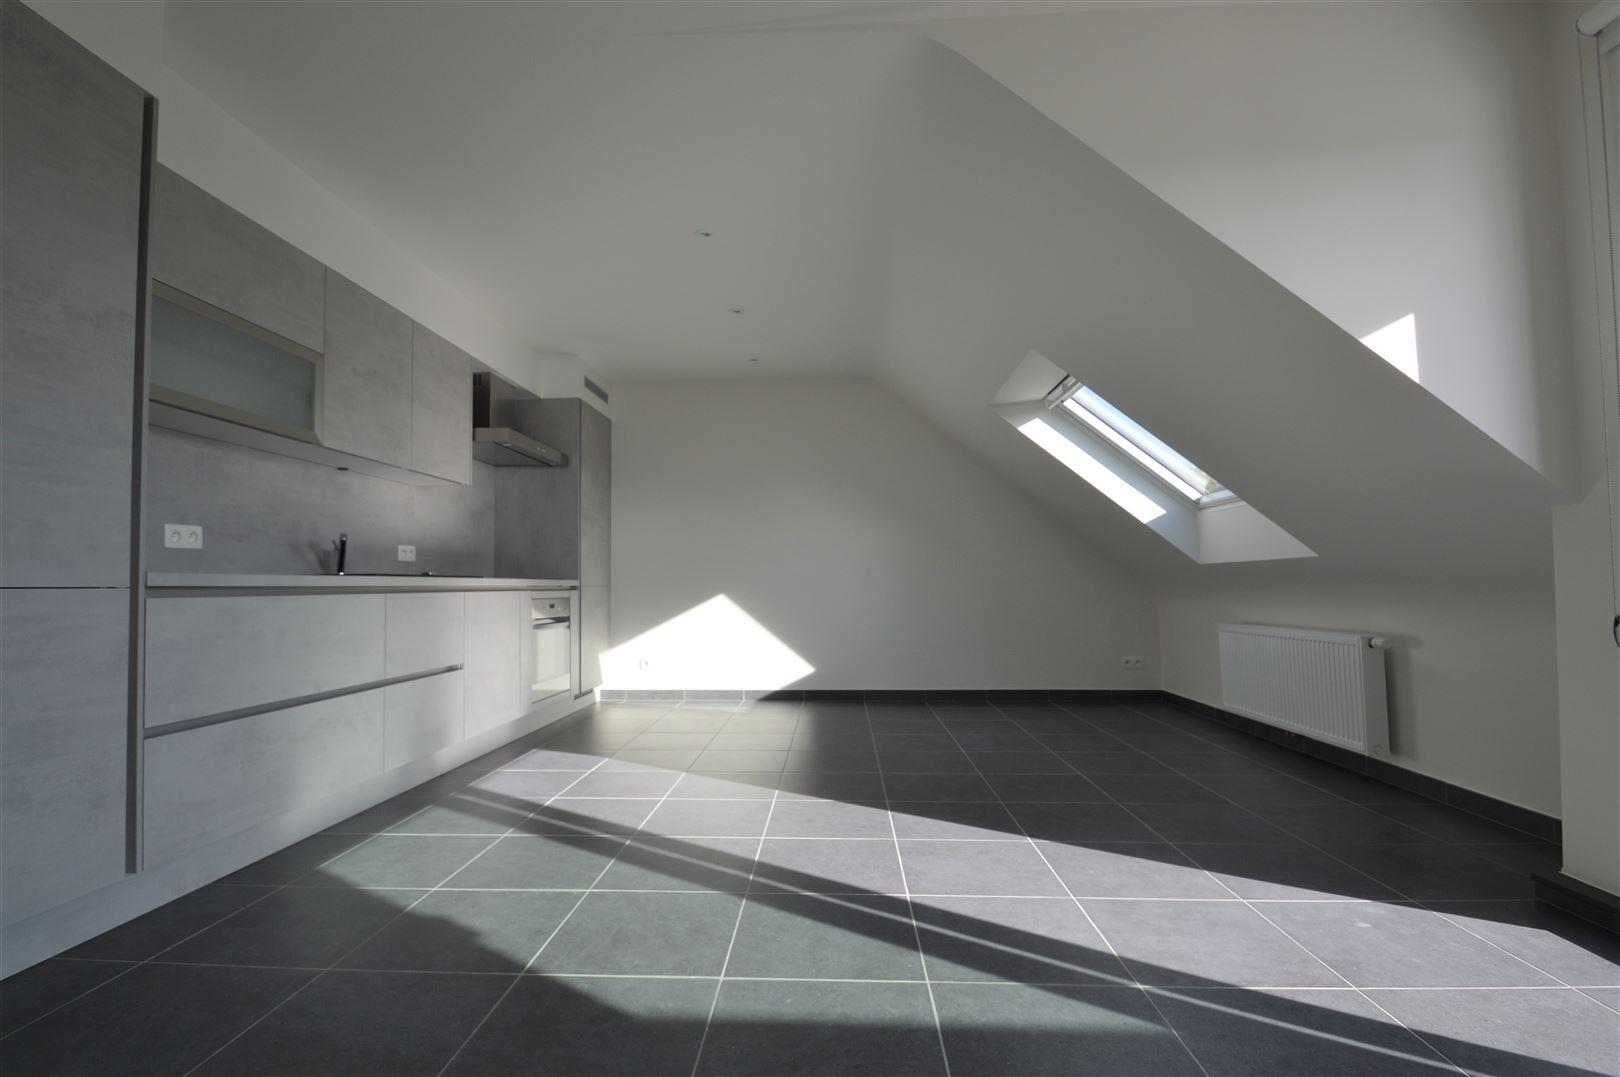 Foto 3 : Appartement te 9200 OUDEGEM (België) - Prijs € 650